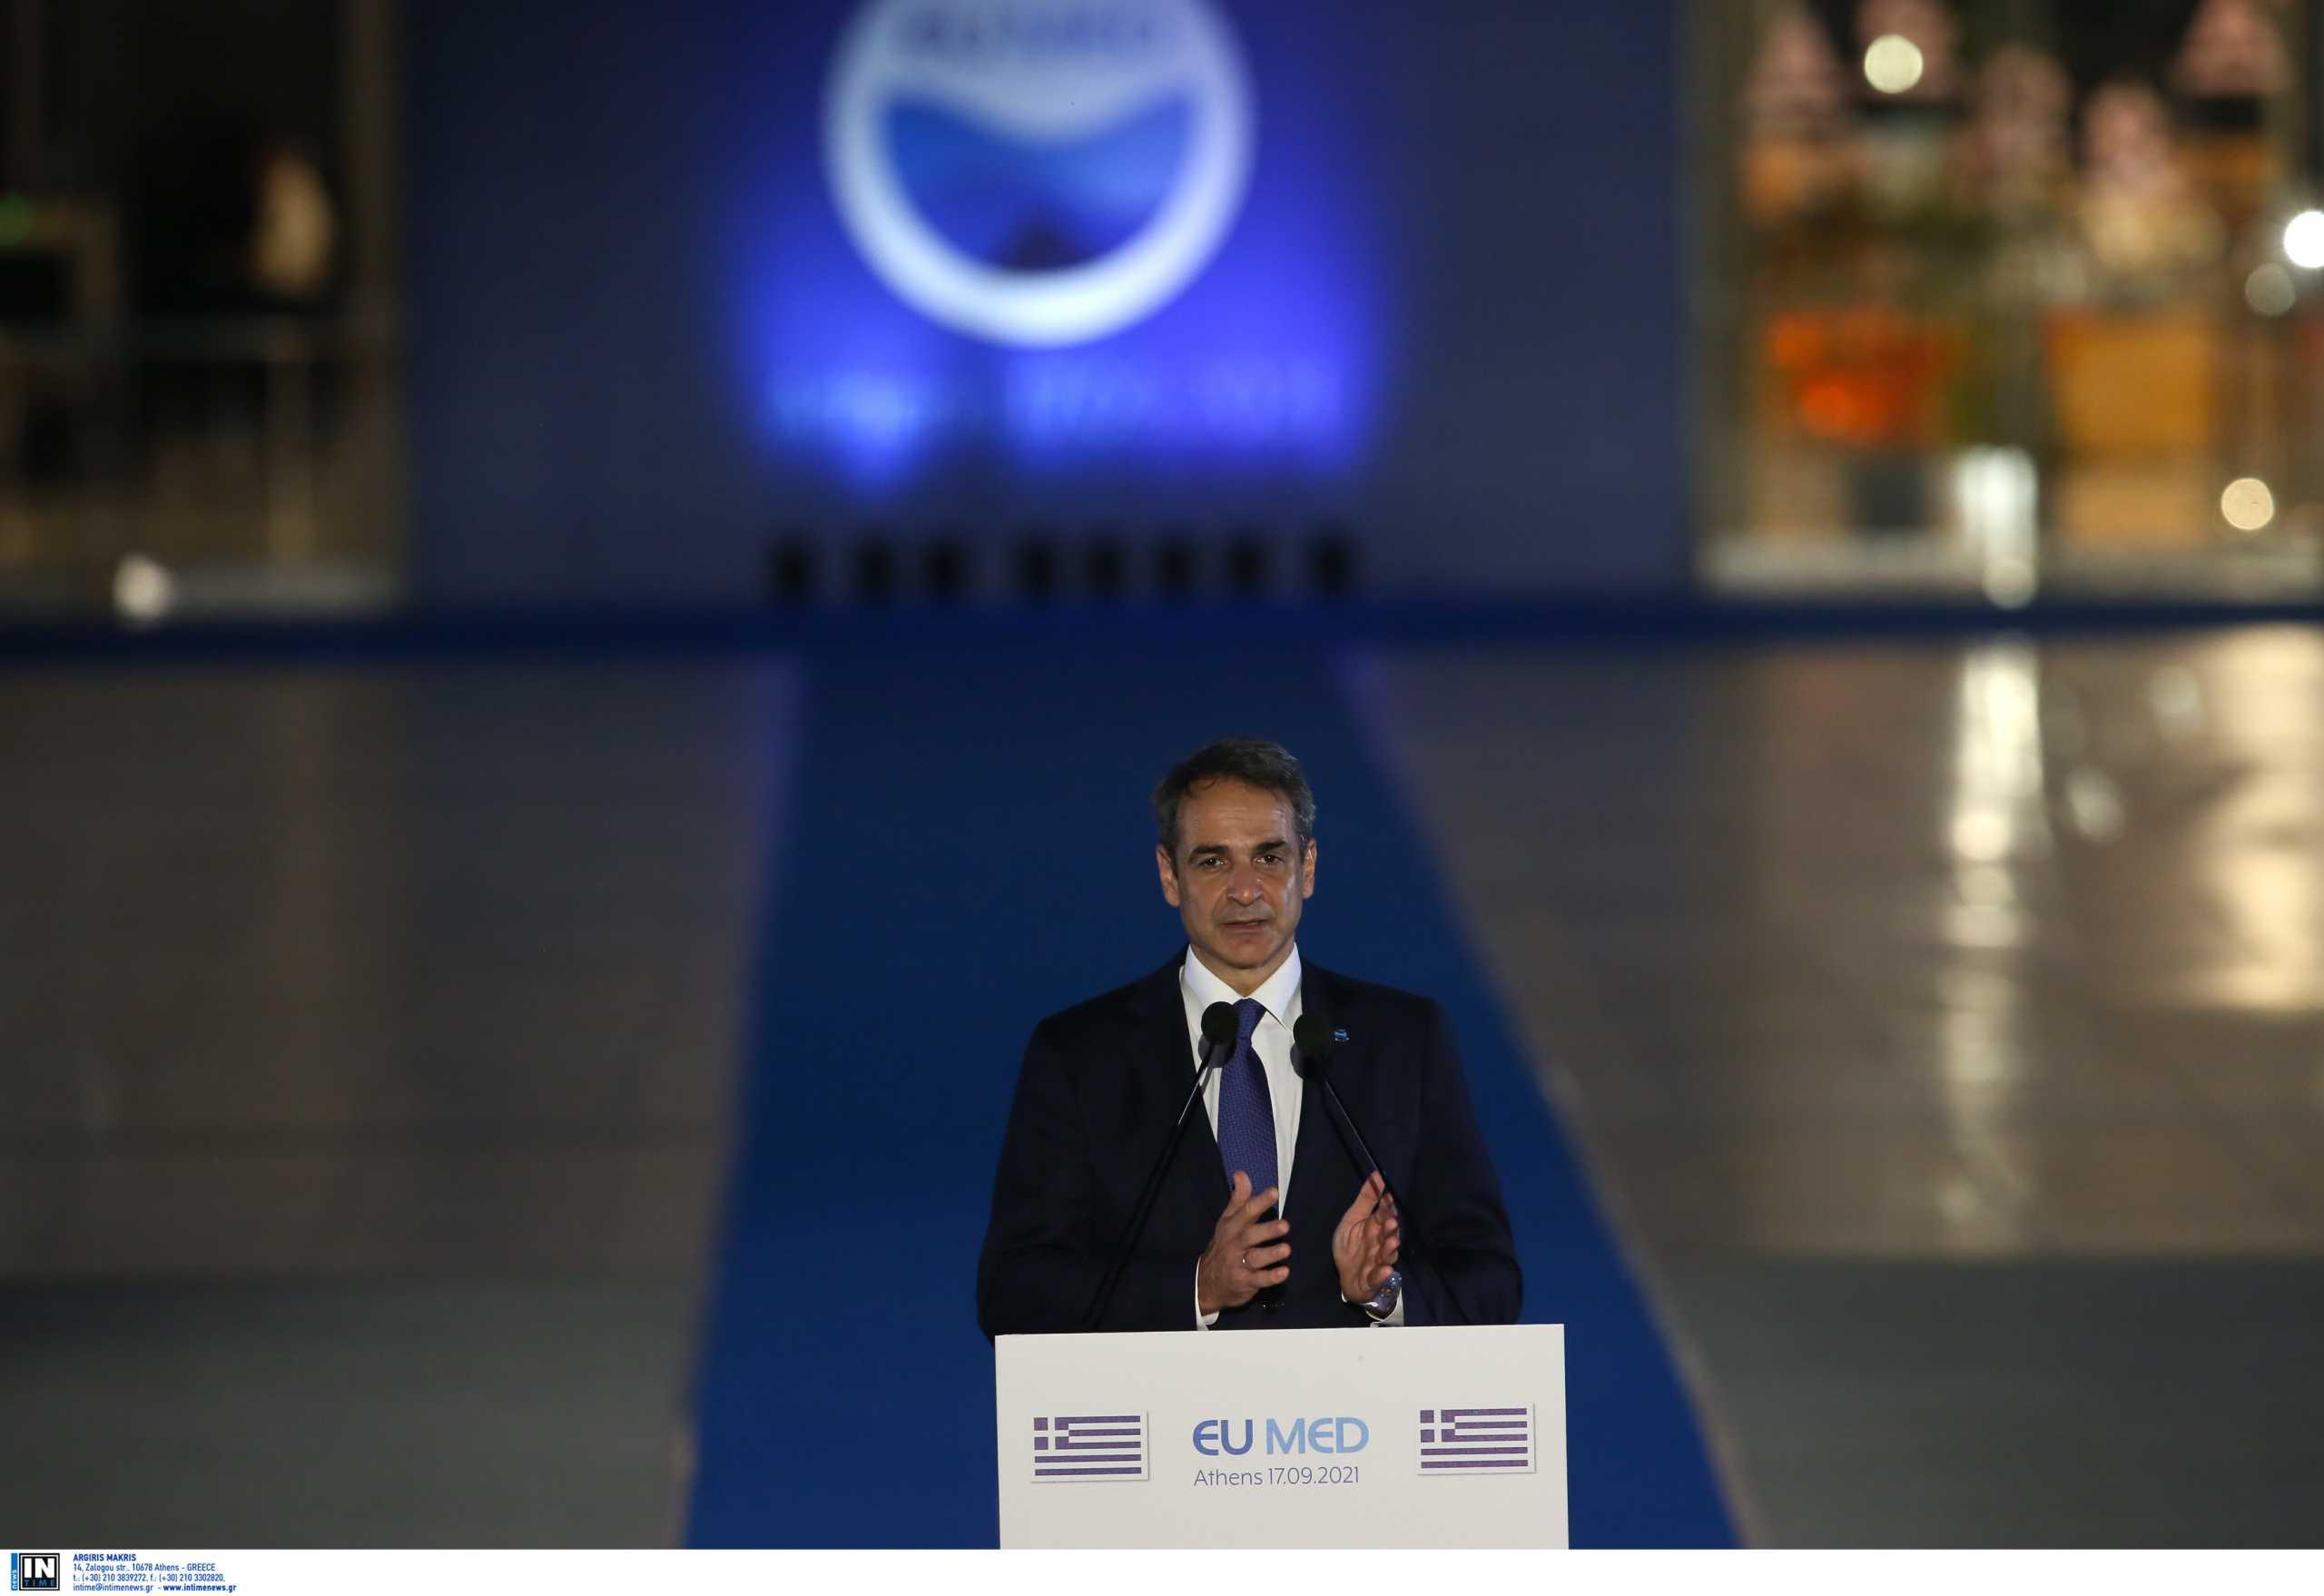 Κυριάκος Μητσοτάκης στο Reuters: Βιώσιμη οικονομία και τέλος η υπερφορολόγηση για τη μεσαία τάξη